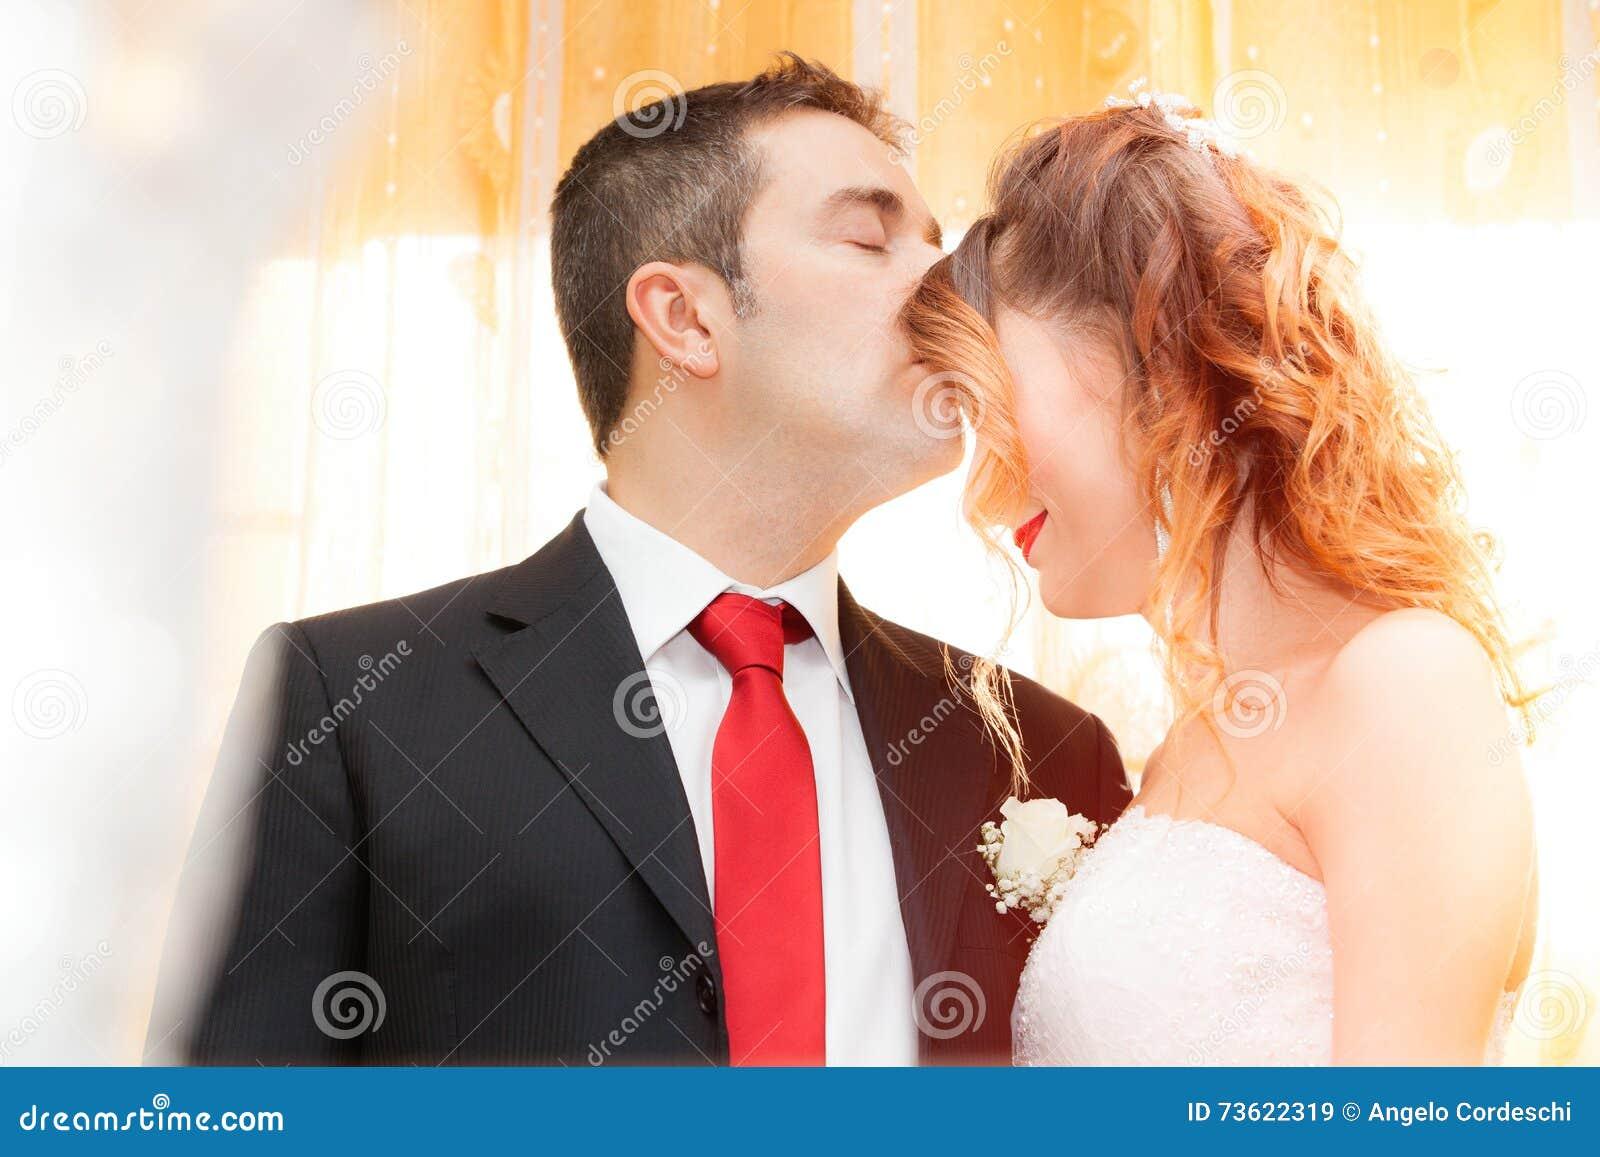 Romantische kus van jonggehuwden